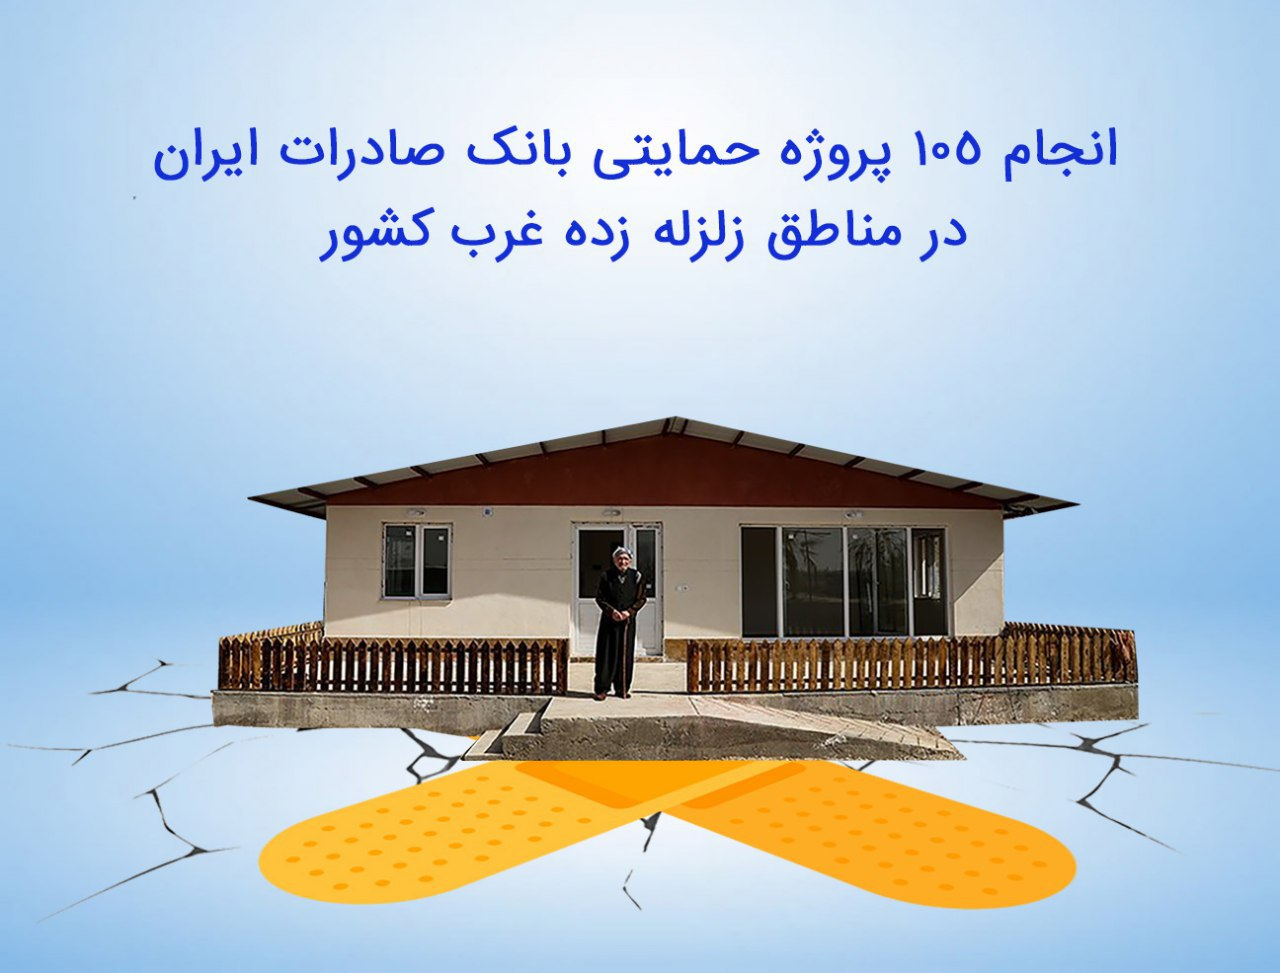 انجام 105 پروژه حمایتی بانک صادرات در مناطق زلزله زده